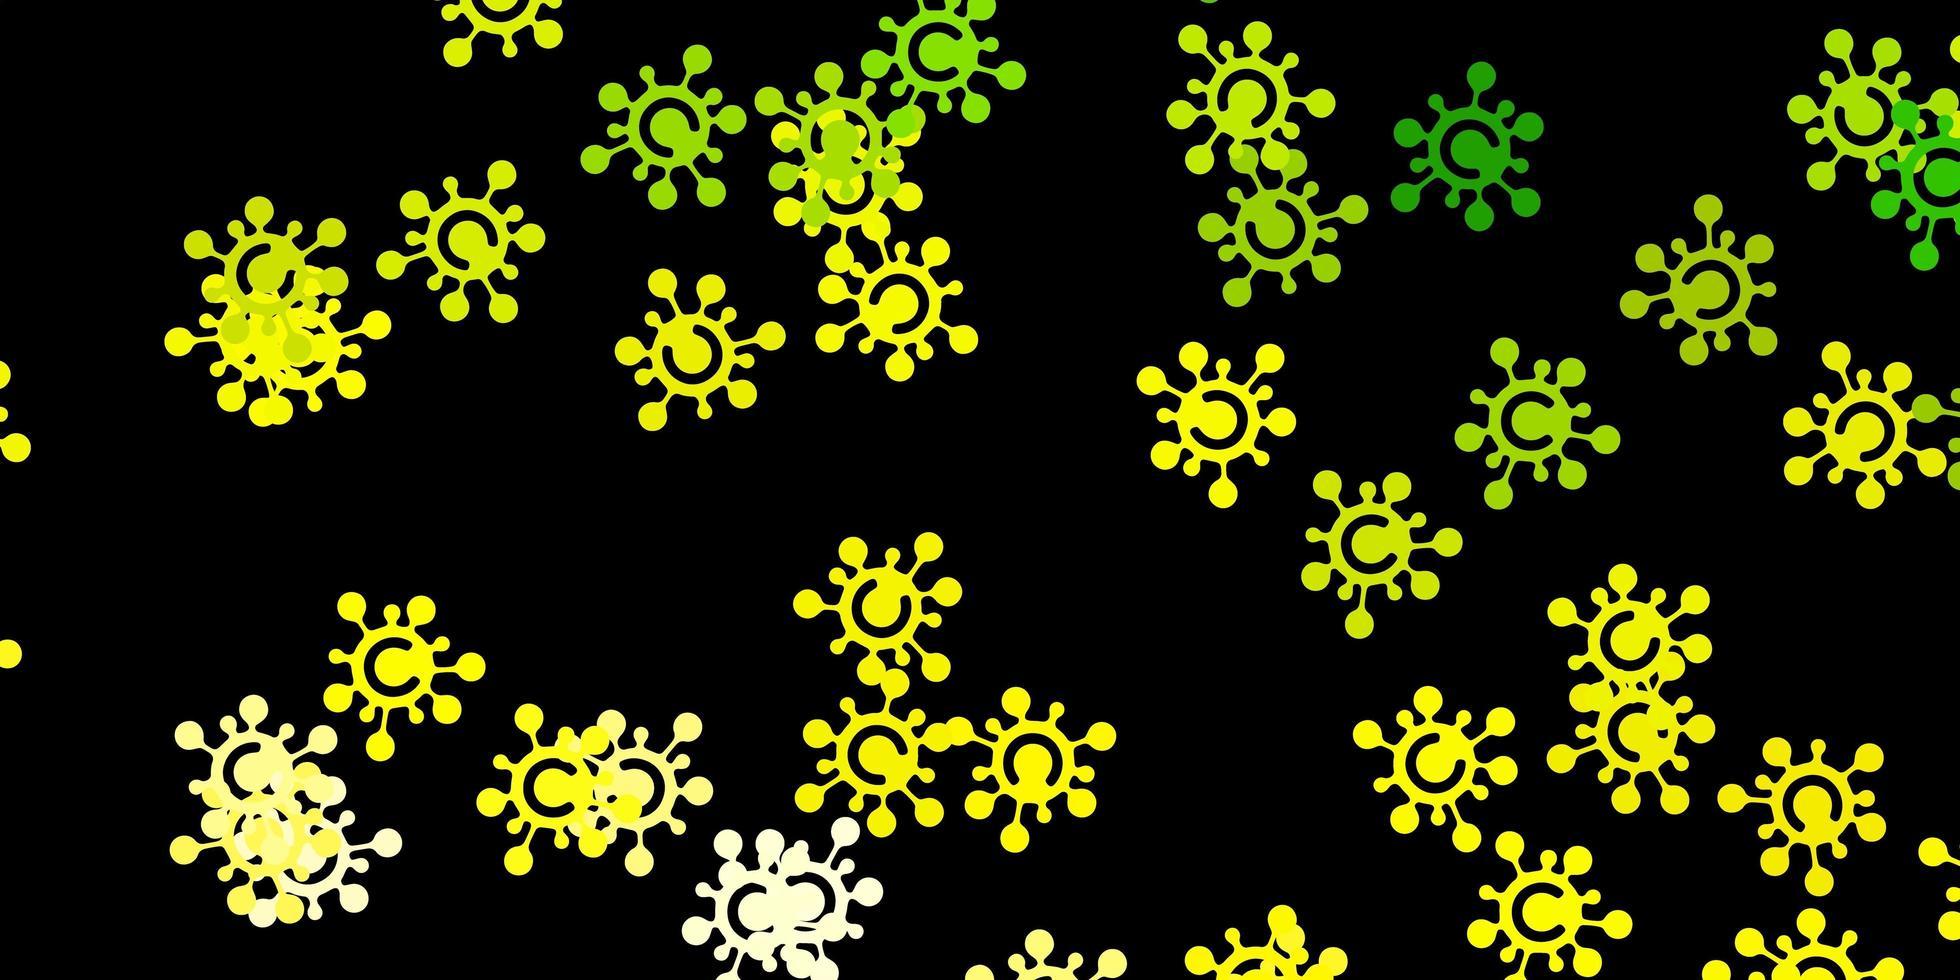 grön och gul bakgrund med virussymboler. vektor